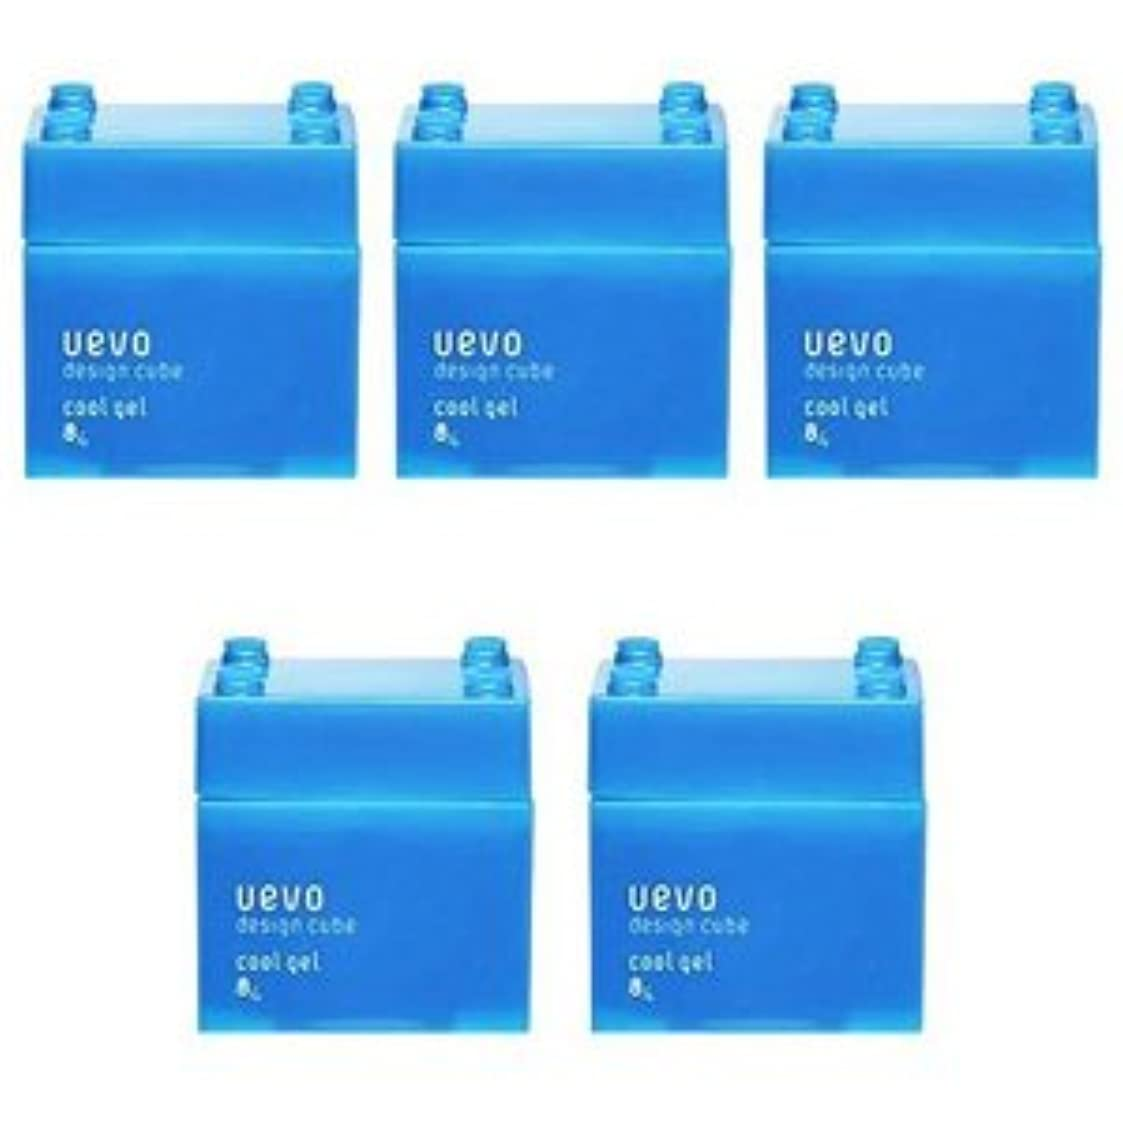 簡潔なロイヤリティドナー【X5個セット】 デミ ウェーボ デザインキューブ クールジェル 80g cool gel DEMI uevo design cube